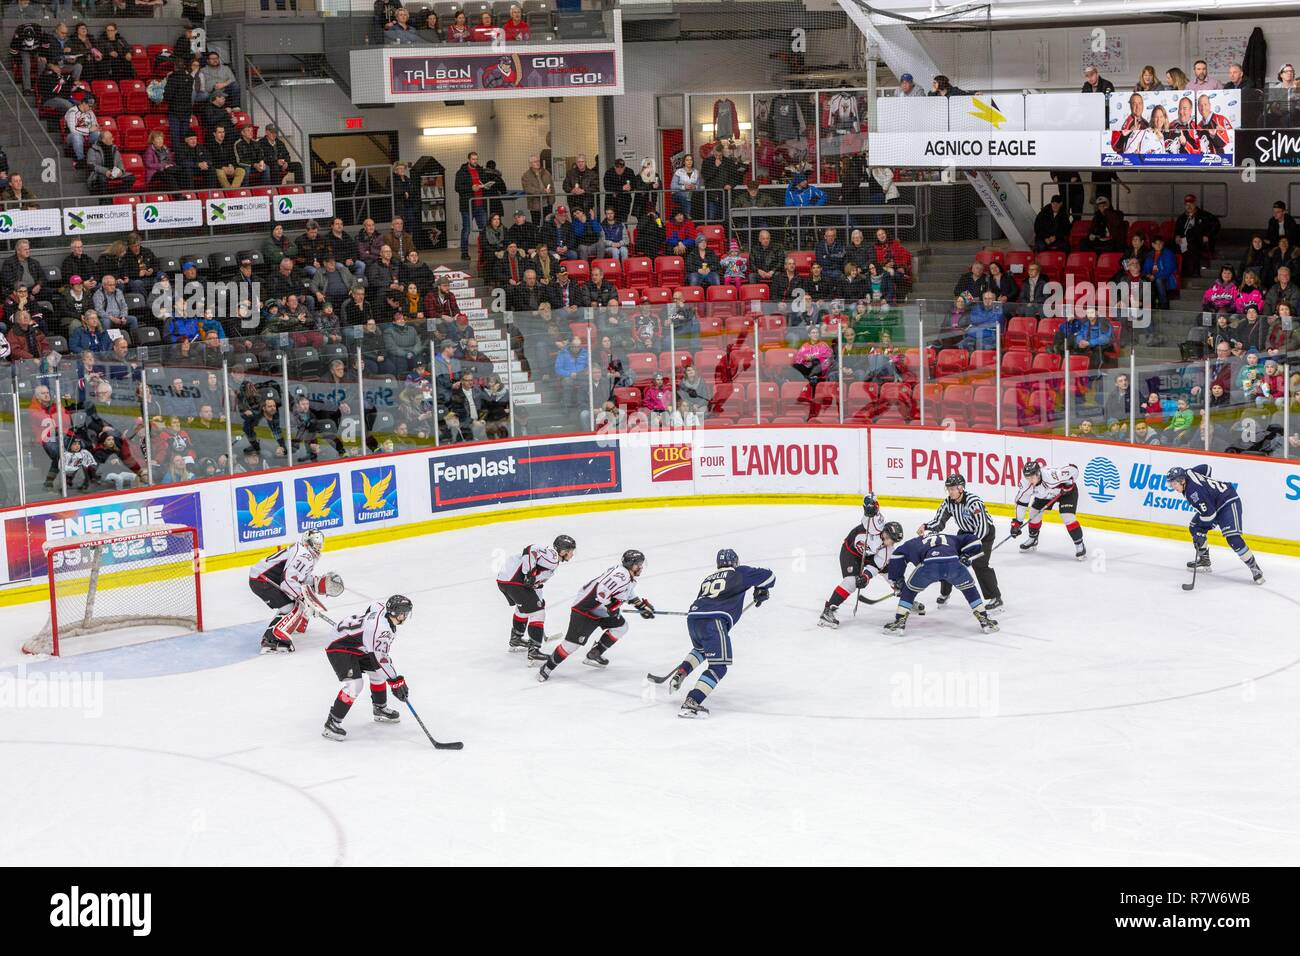 Canada, Province de Québec, l'Abitibi Témiscamingue, Abitibi, Ville de Rouyn-Noranda, patinoire, Ligue junior majeur Jeu de hockey sur glace Photo Stock